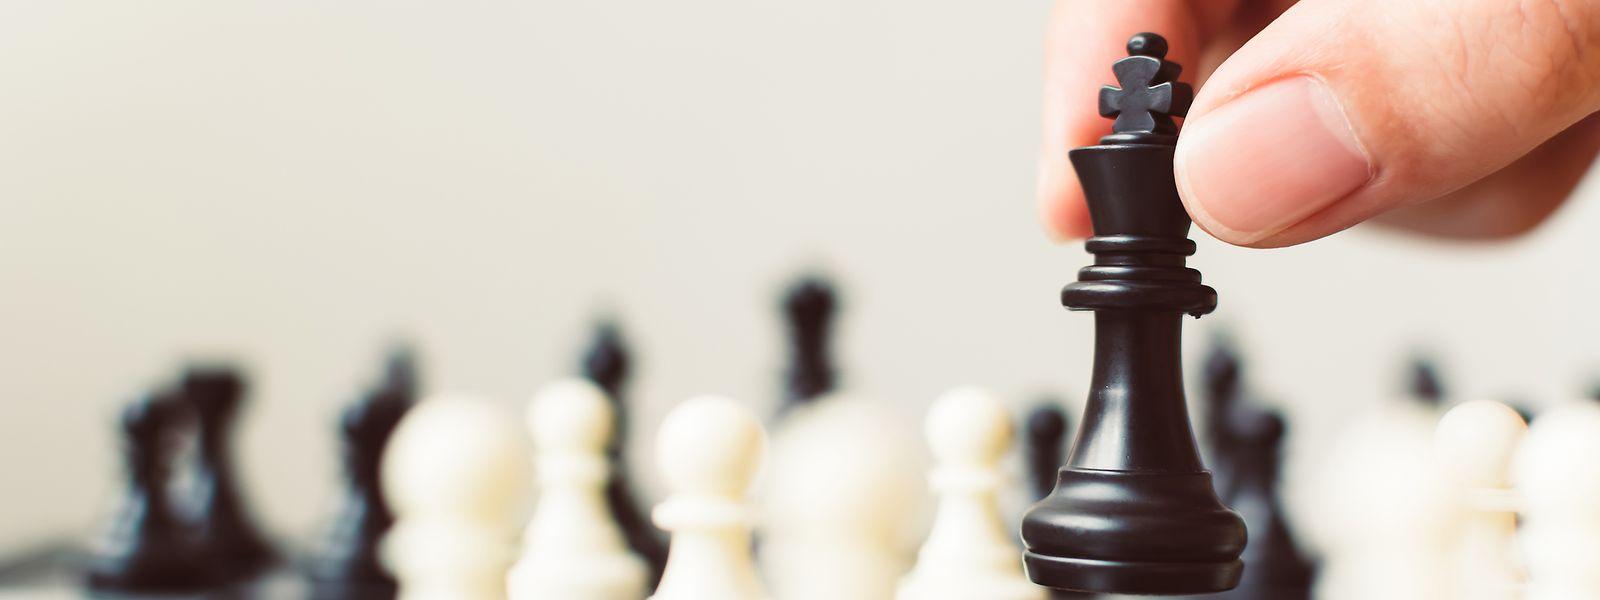 Beim Schach muss der gegnerische König so angegriffen werden, dass er nicht mehr flüchten kann.